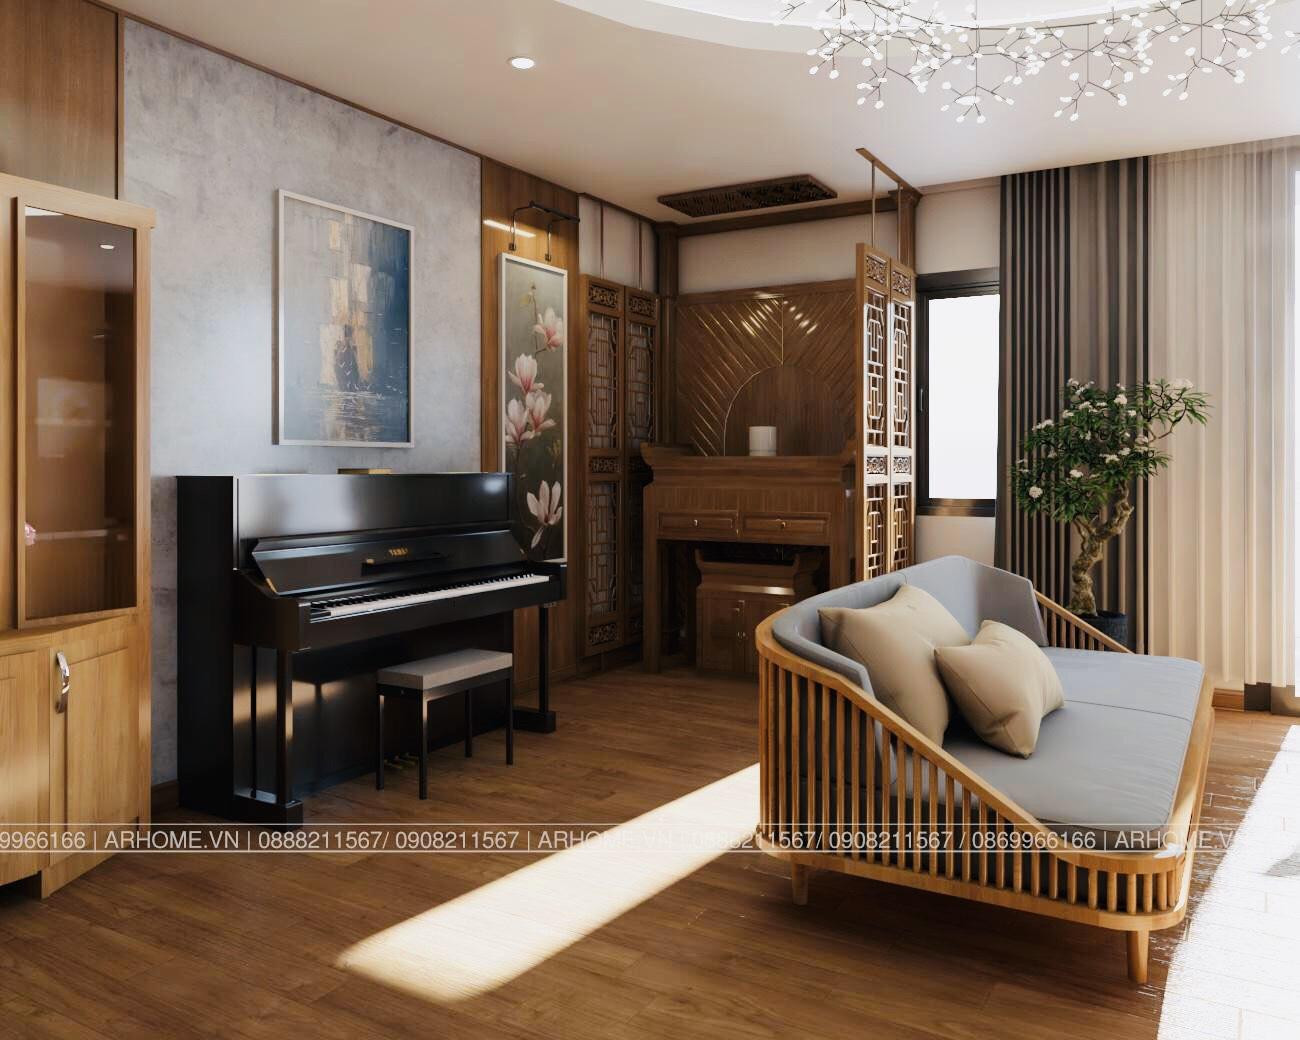 Thiết kế nội thất Chung Cư tại Hà Nội Ấn tượng khó phai với Thiết kế nội thất căn hộ Chung cư Lạc Hồng West Lake của Cô Họa sĩ 1585985648 3